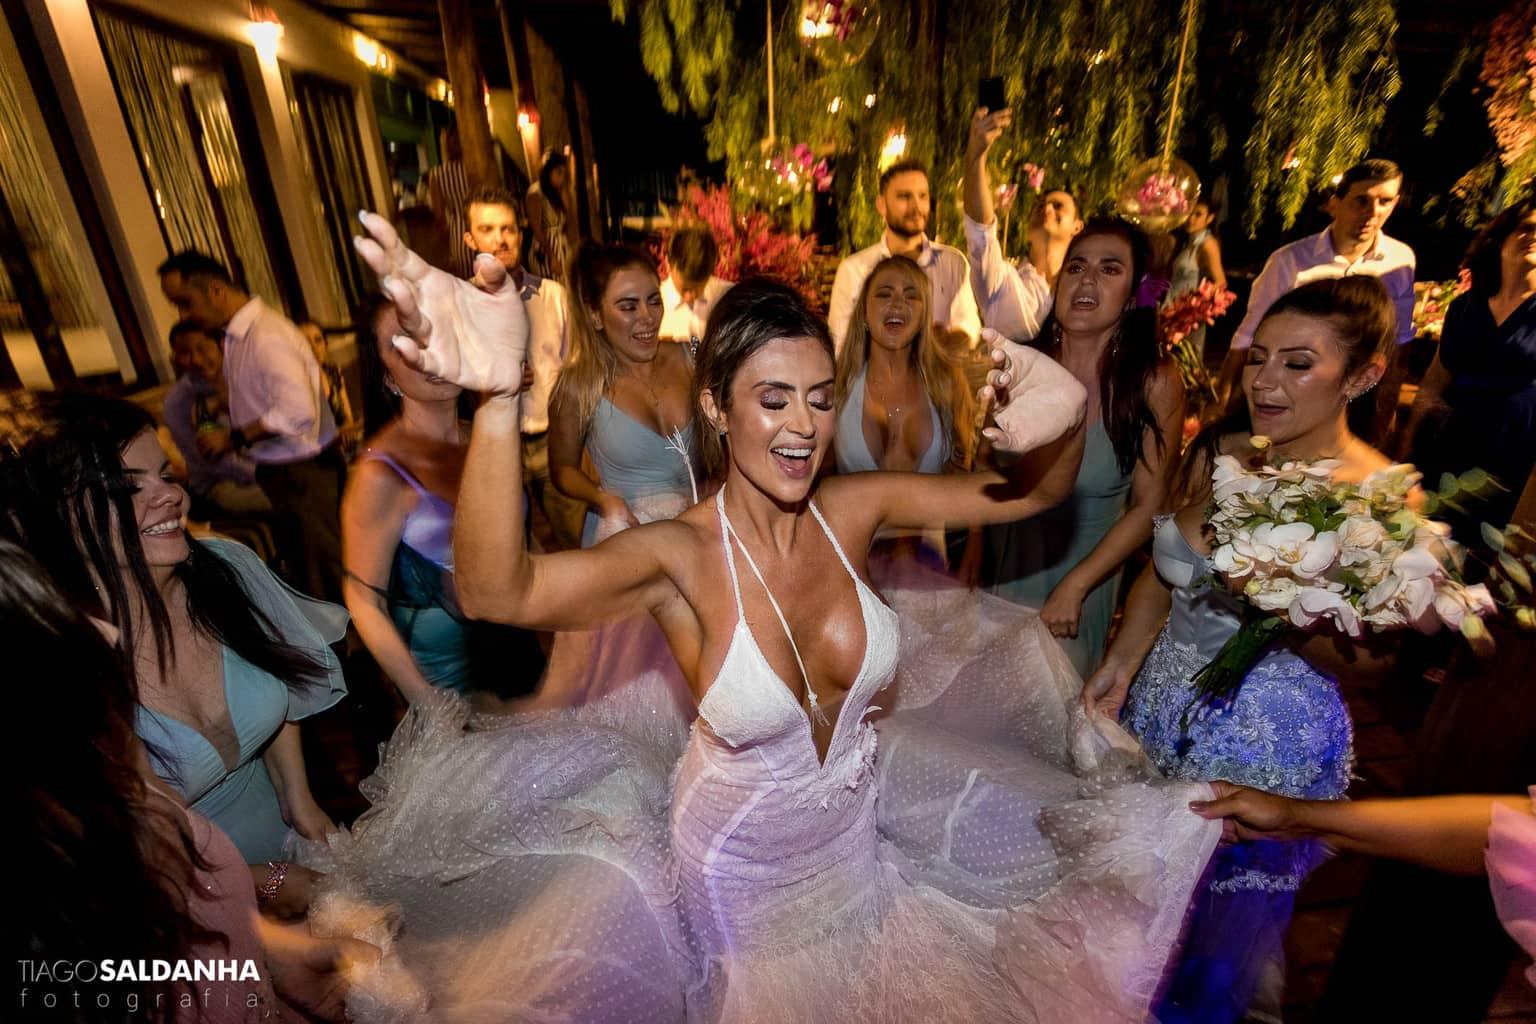 Aliança-no-Espelho-Casamento-Chandrélin-e-Laureano-cerimonia-na-praia-Chan-e-Lau-noivos-na-pista-Rio-da-Barra41